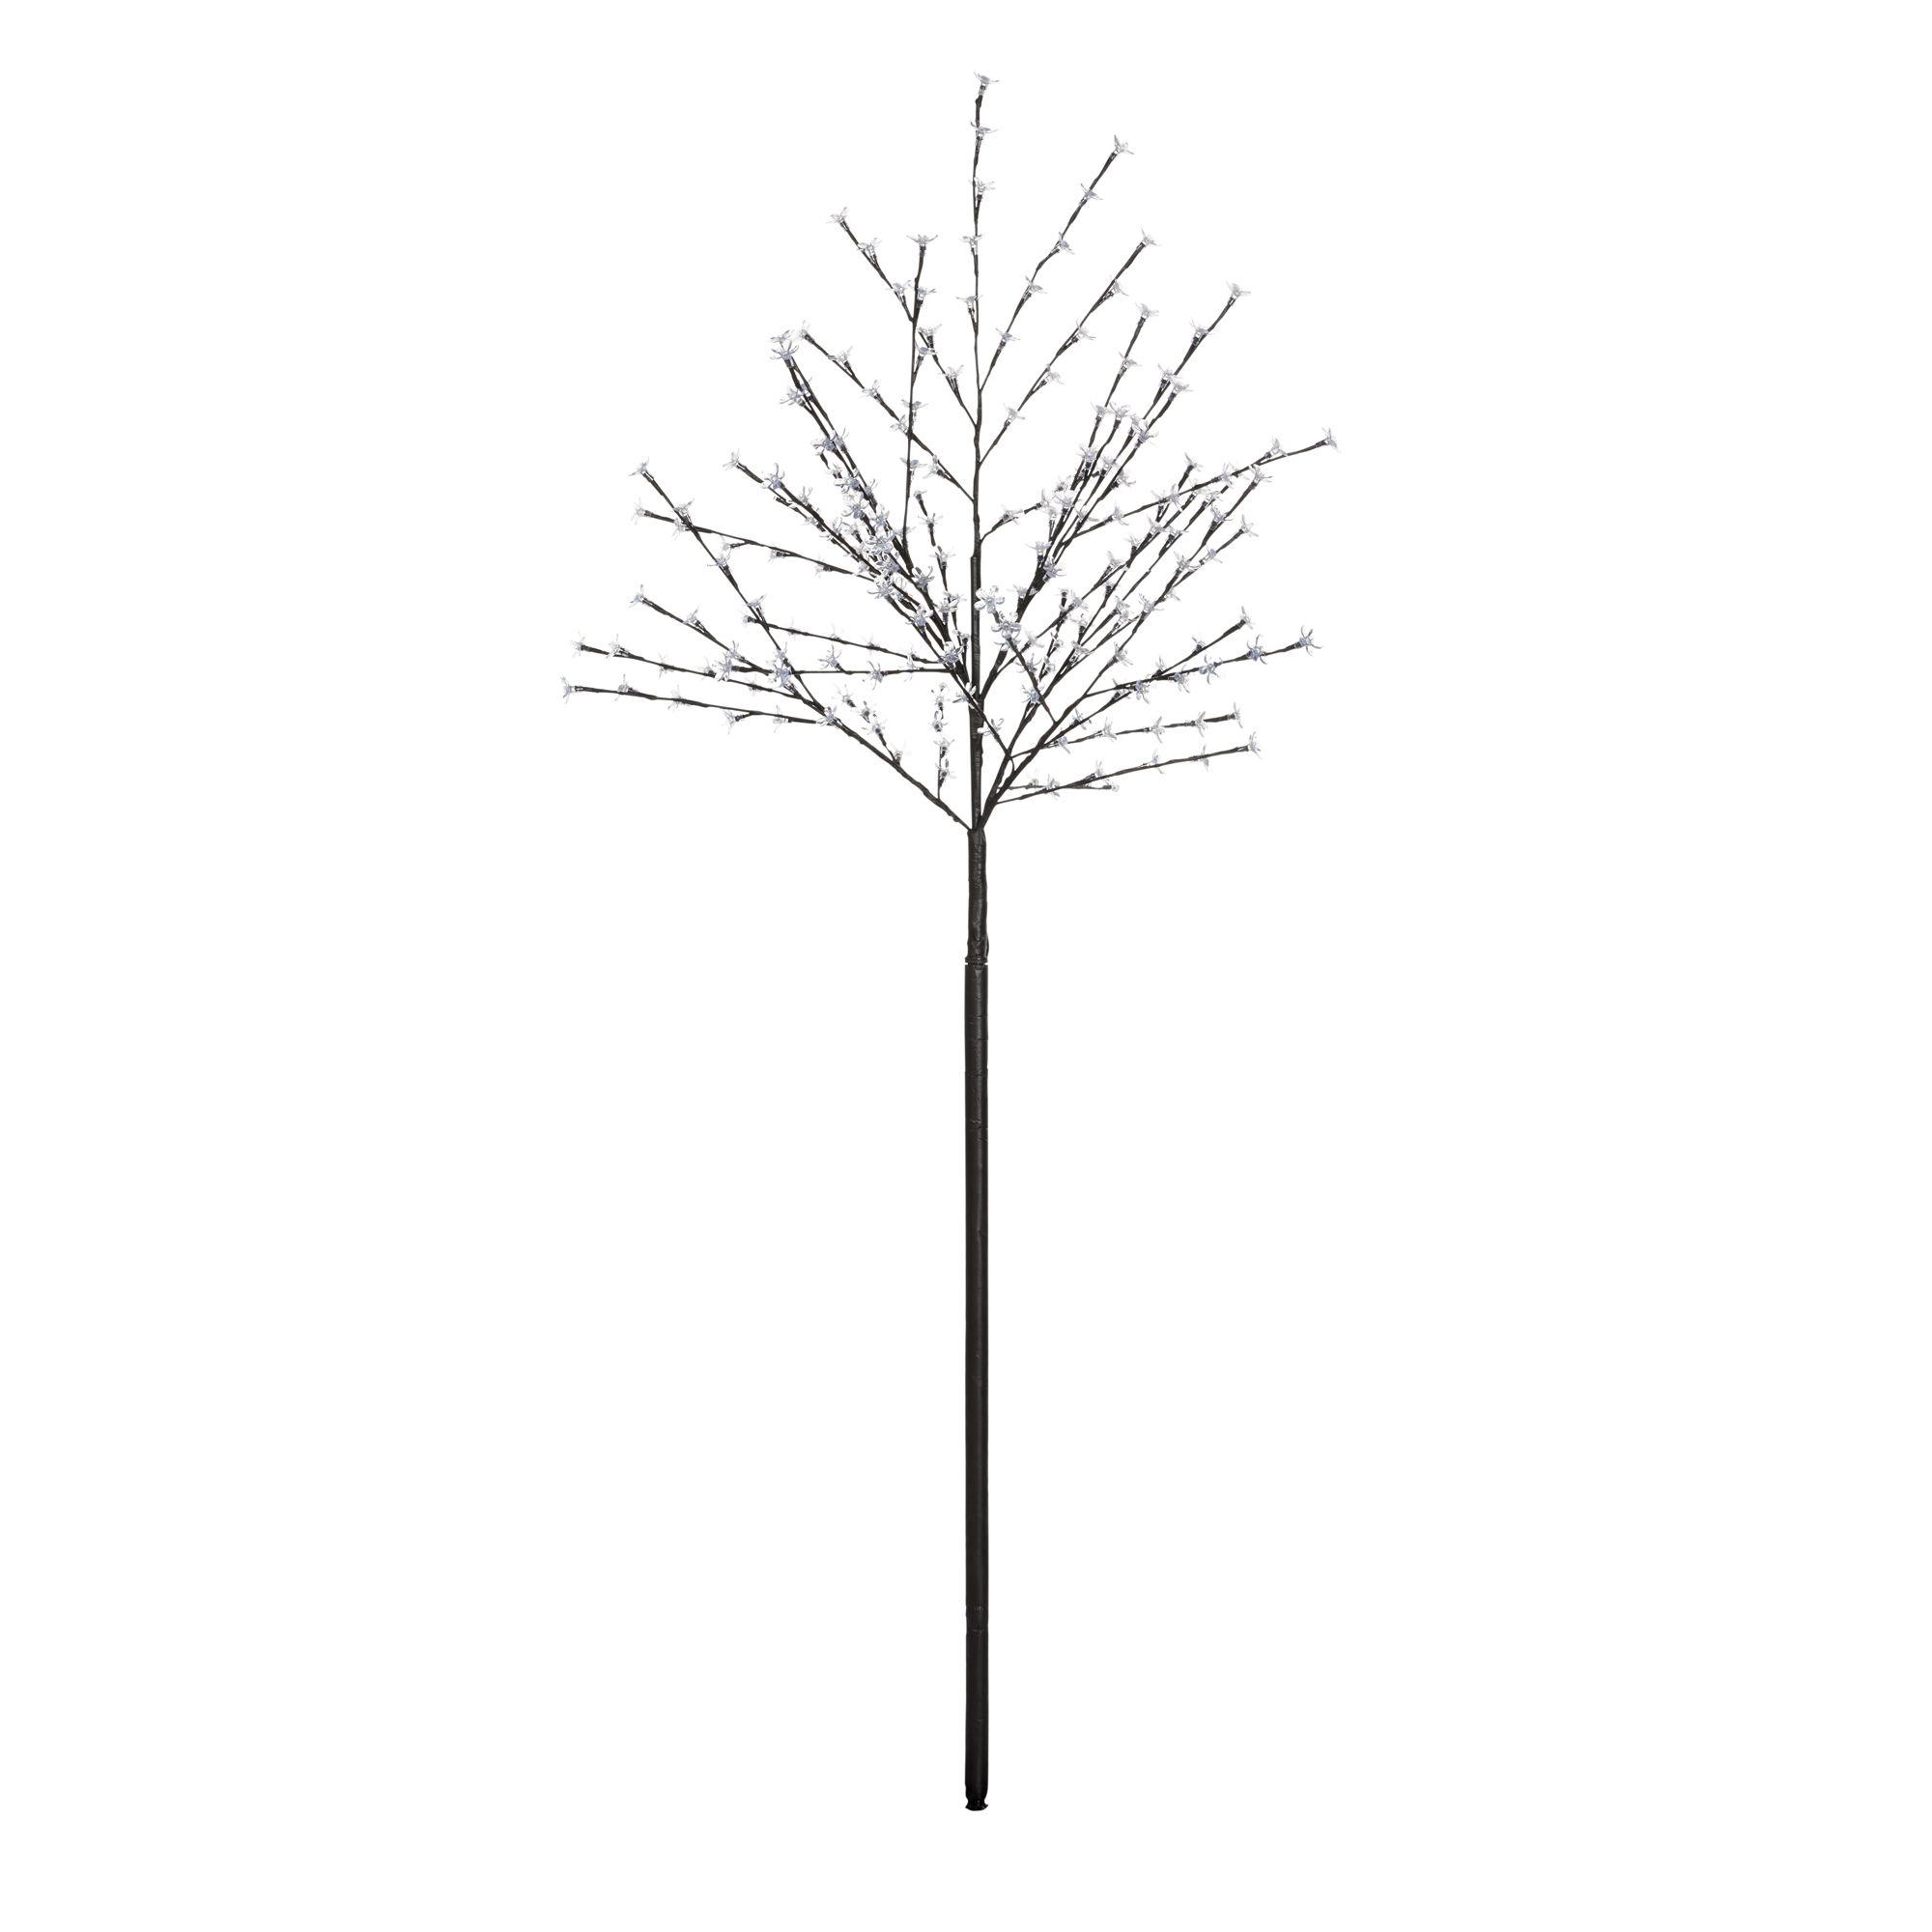 6 Ft Blossom Black Pre Lit Christmas Tree Departments Diy At B Q